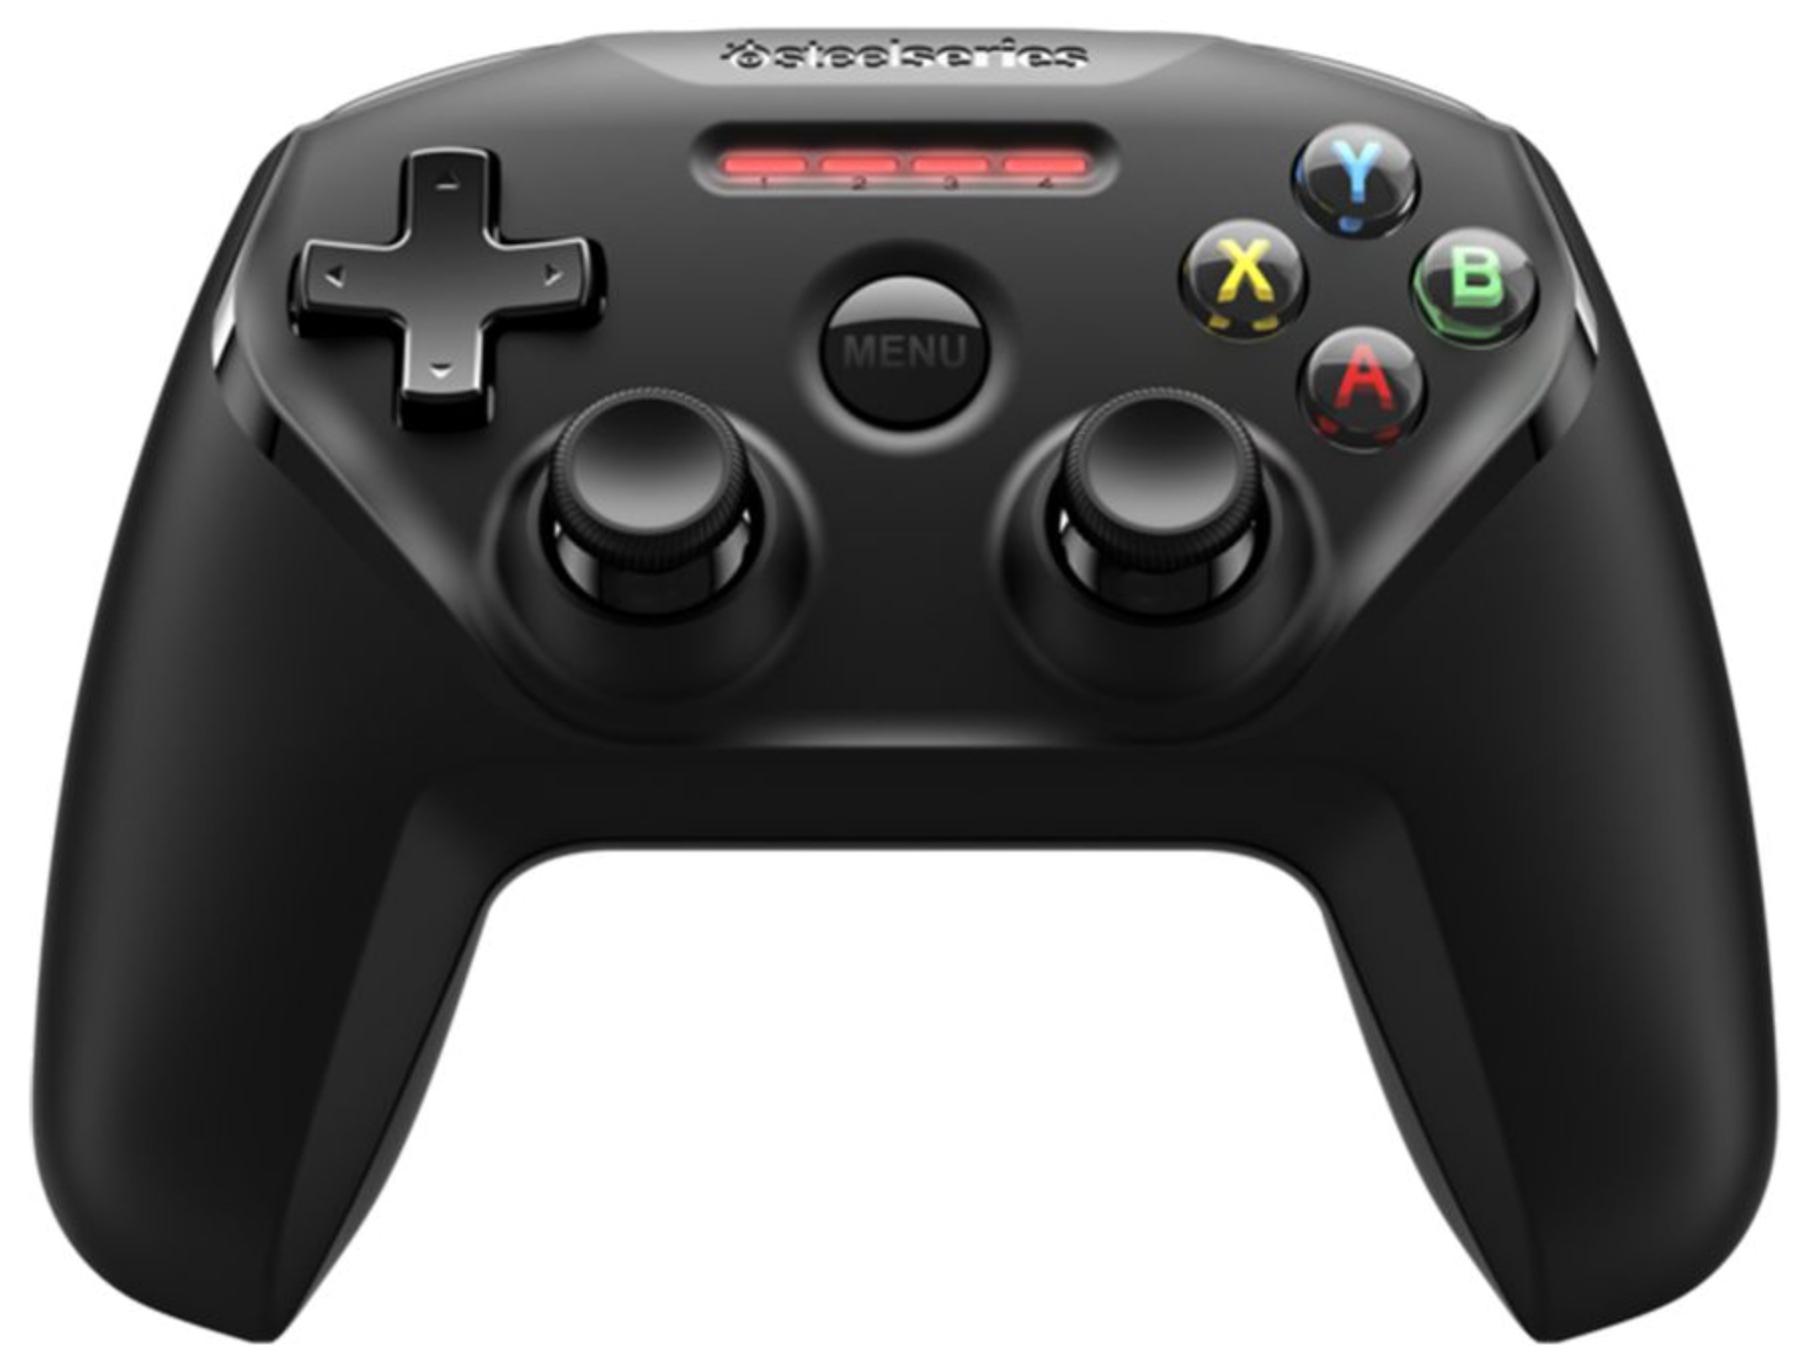 [Gravis] Steel Series Nimbus Game Controller für Apple TV iPhone iPad Mac usw. schwarz für 38,99€ inkl. Versandkosten! (nur heute)